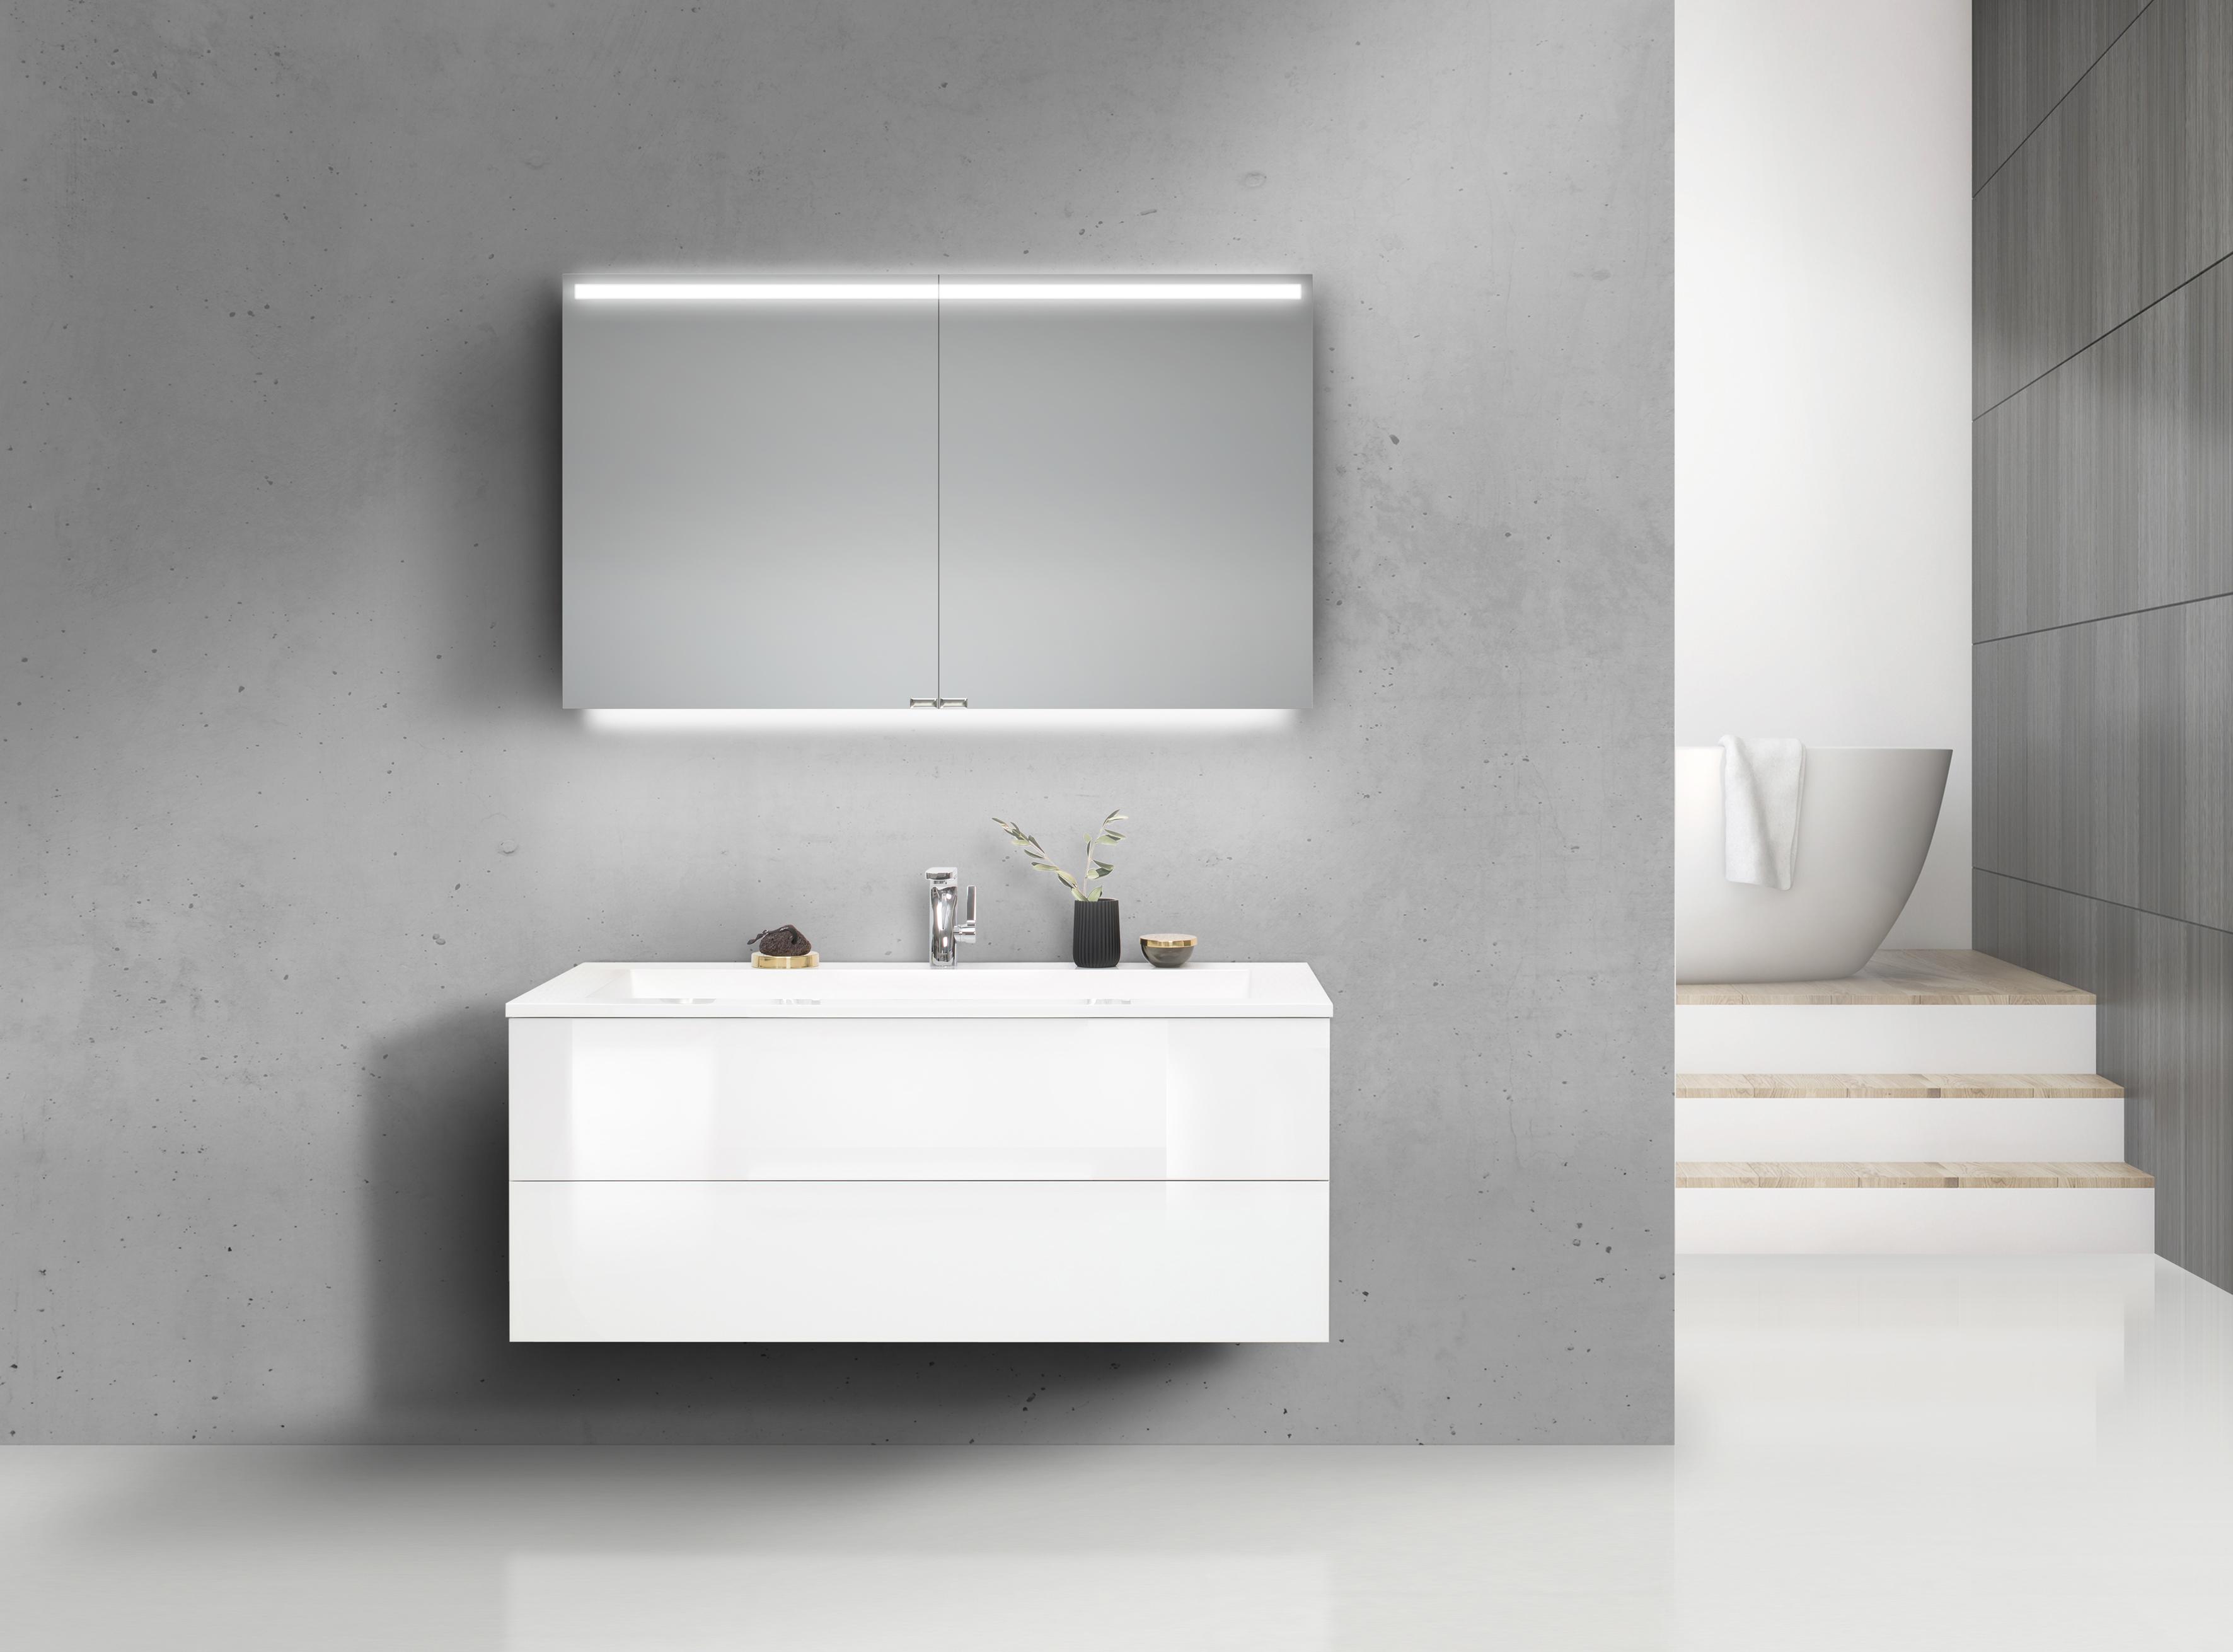 badm bel set cubo grifflos 120 cm waschtisch mit unterschrank und led spiegelschrank. Black Bedroom Furniture Sets. Home Design Ideas